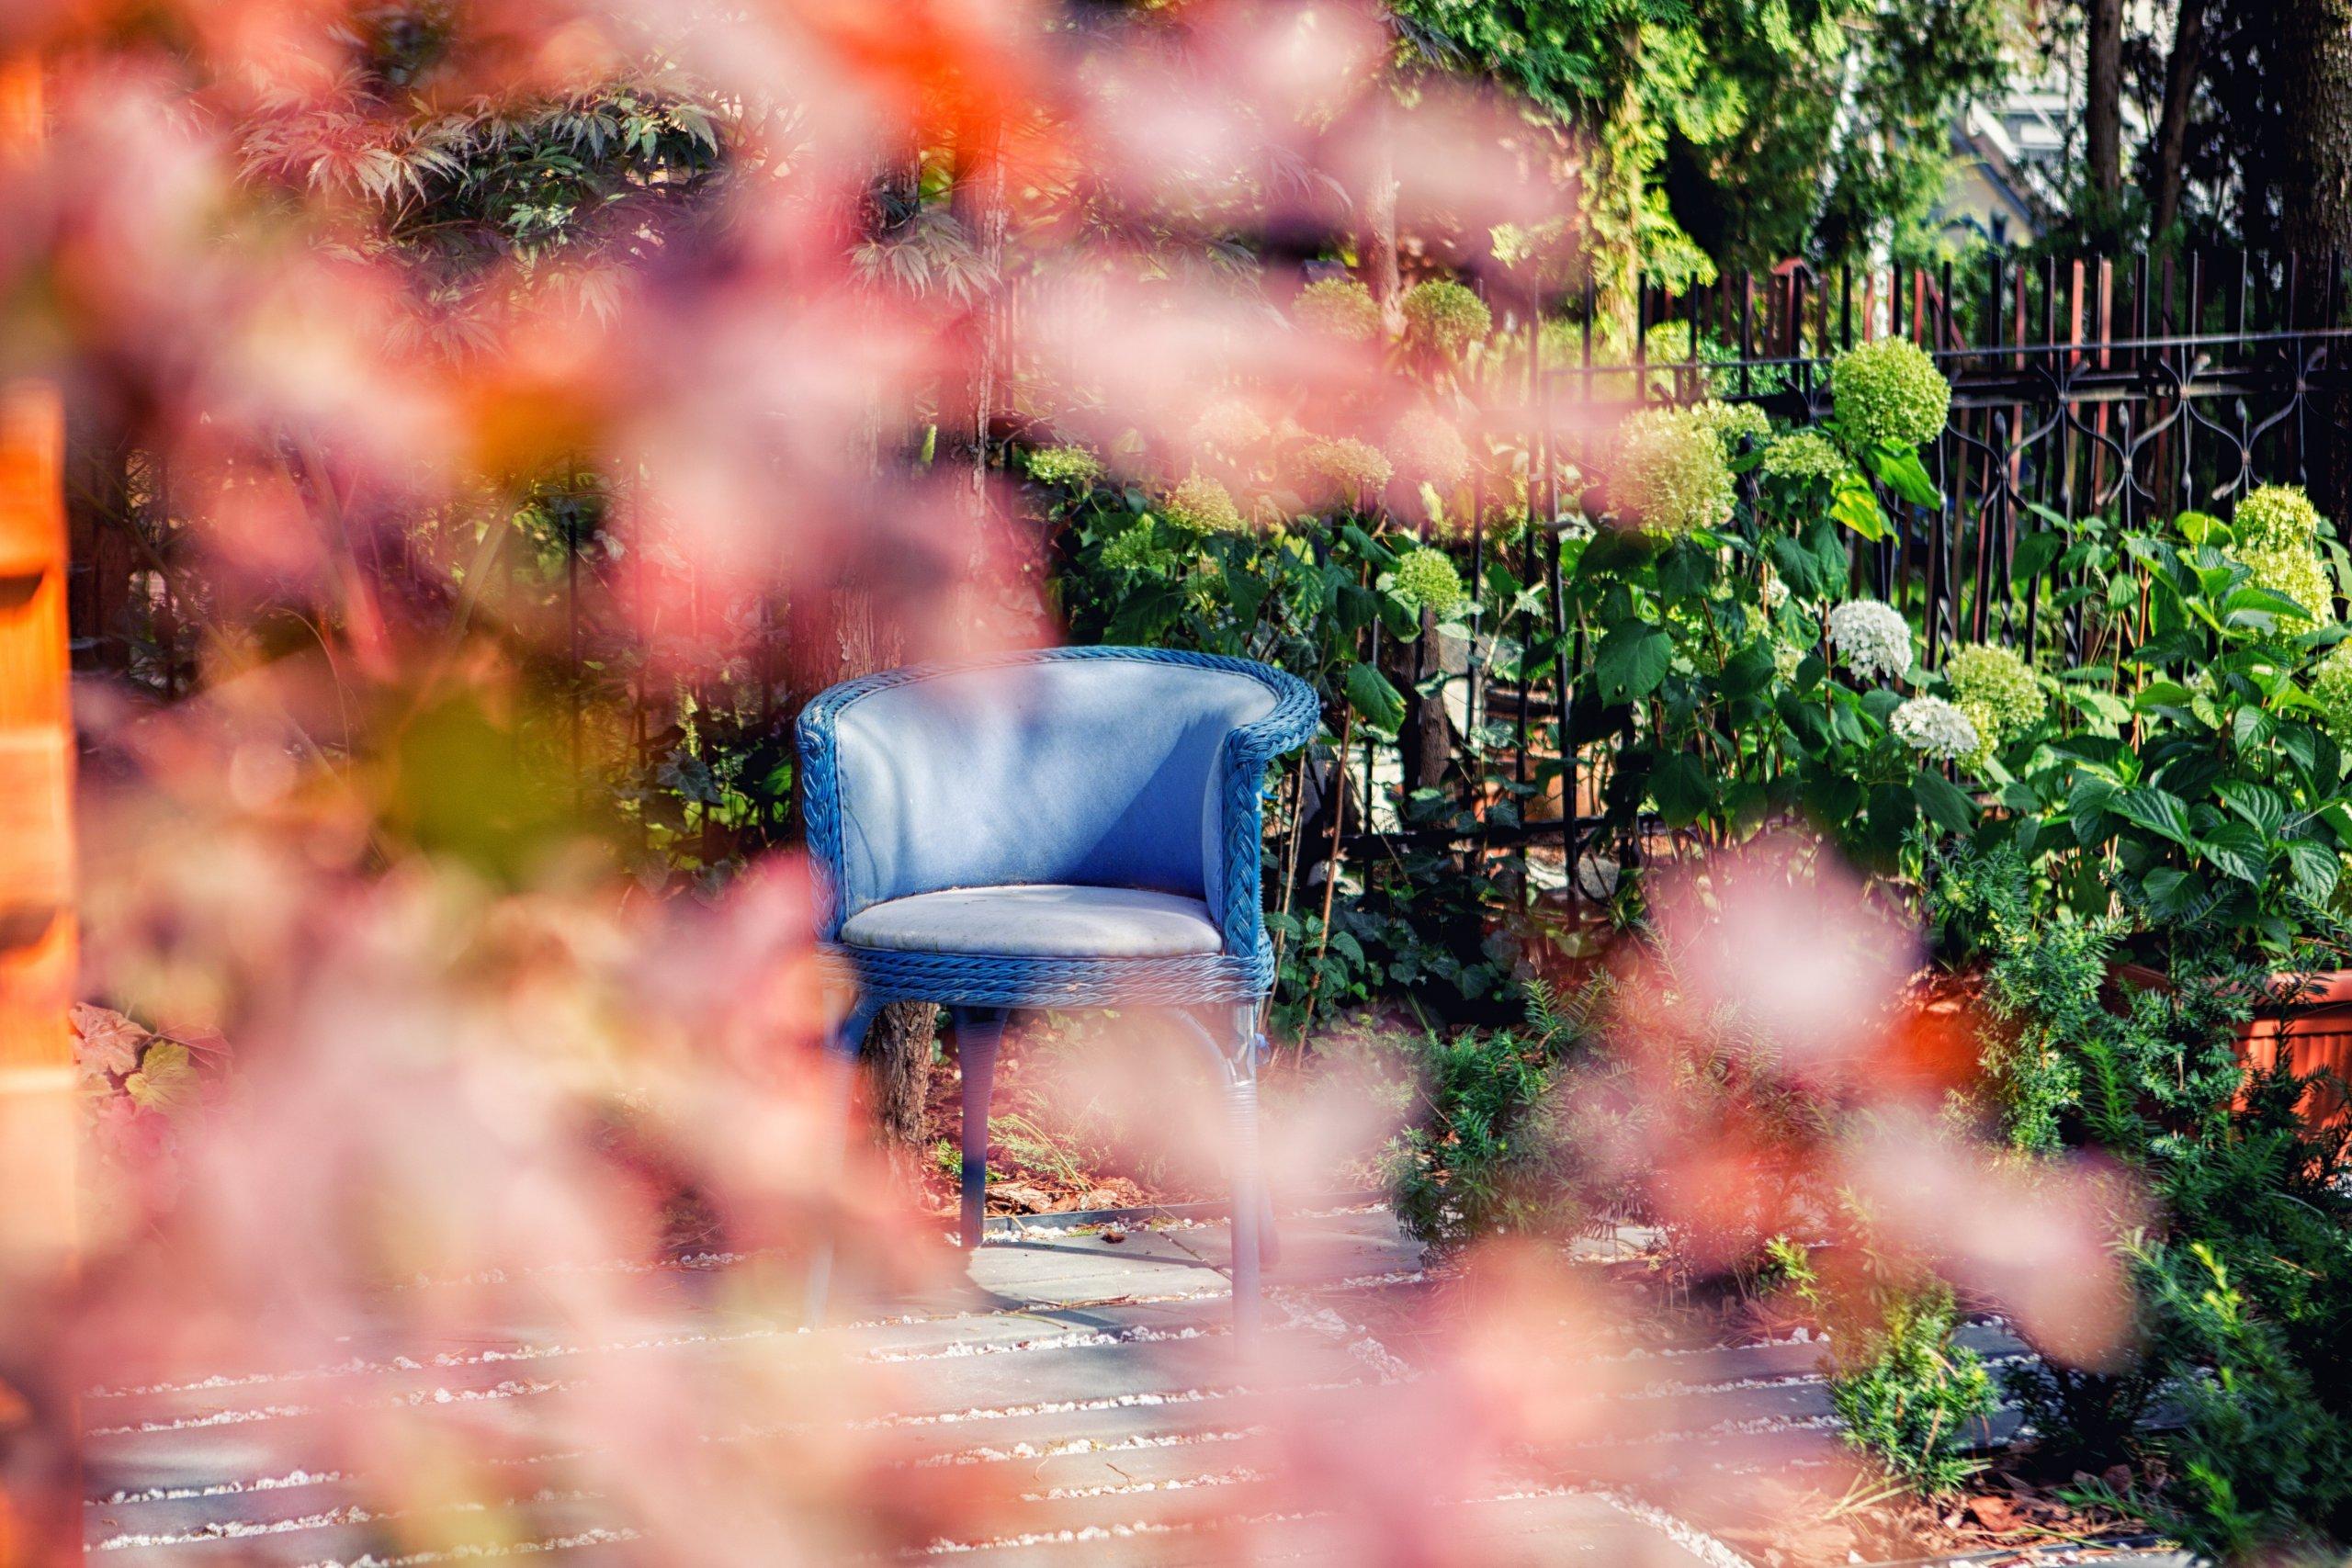 Projekt zahrady předpokládá vytvoření moderního prostoru, který by korespondoval s tvarem domu a jeho interiérem. Jedním z důležitějších prvků bylo…